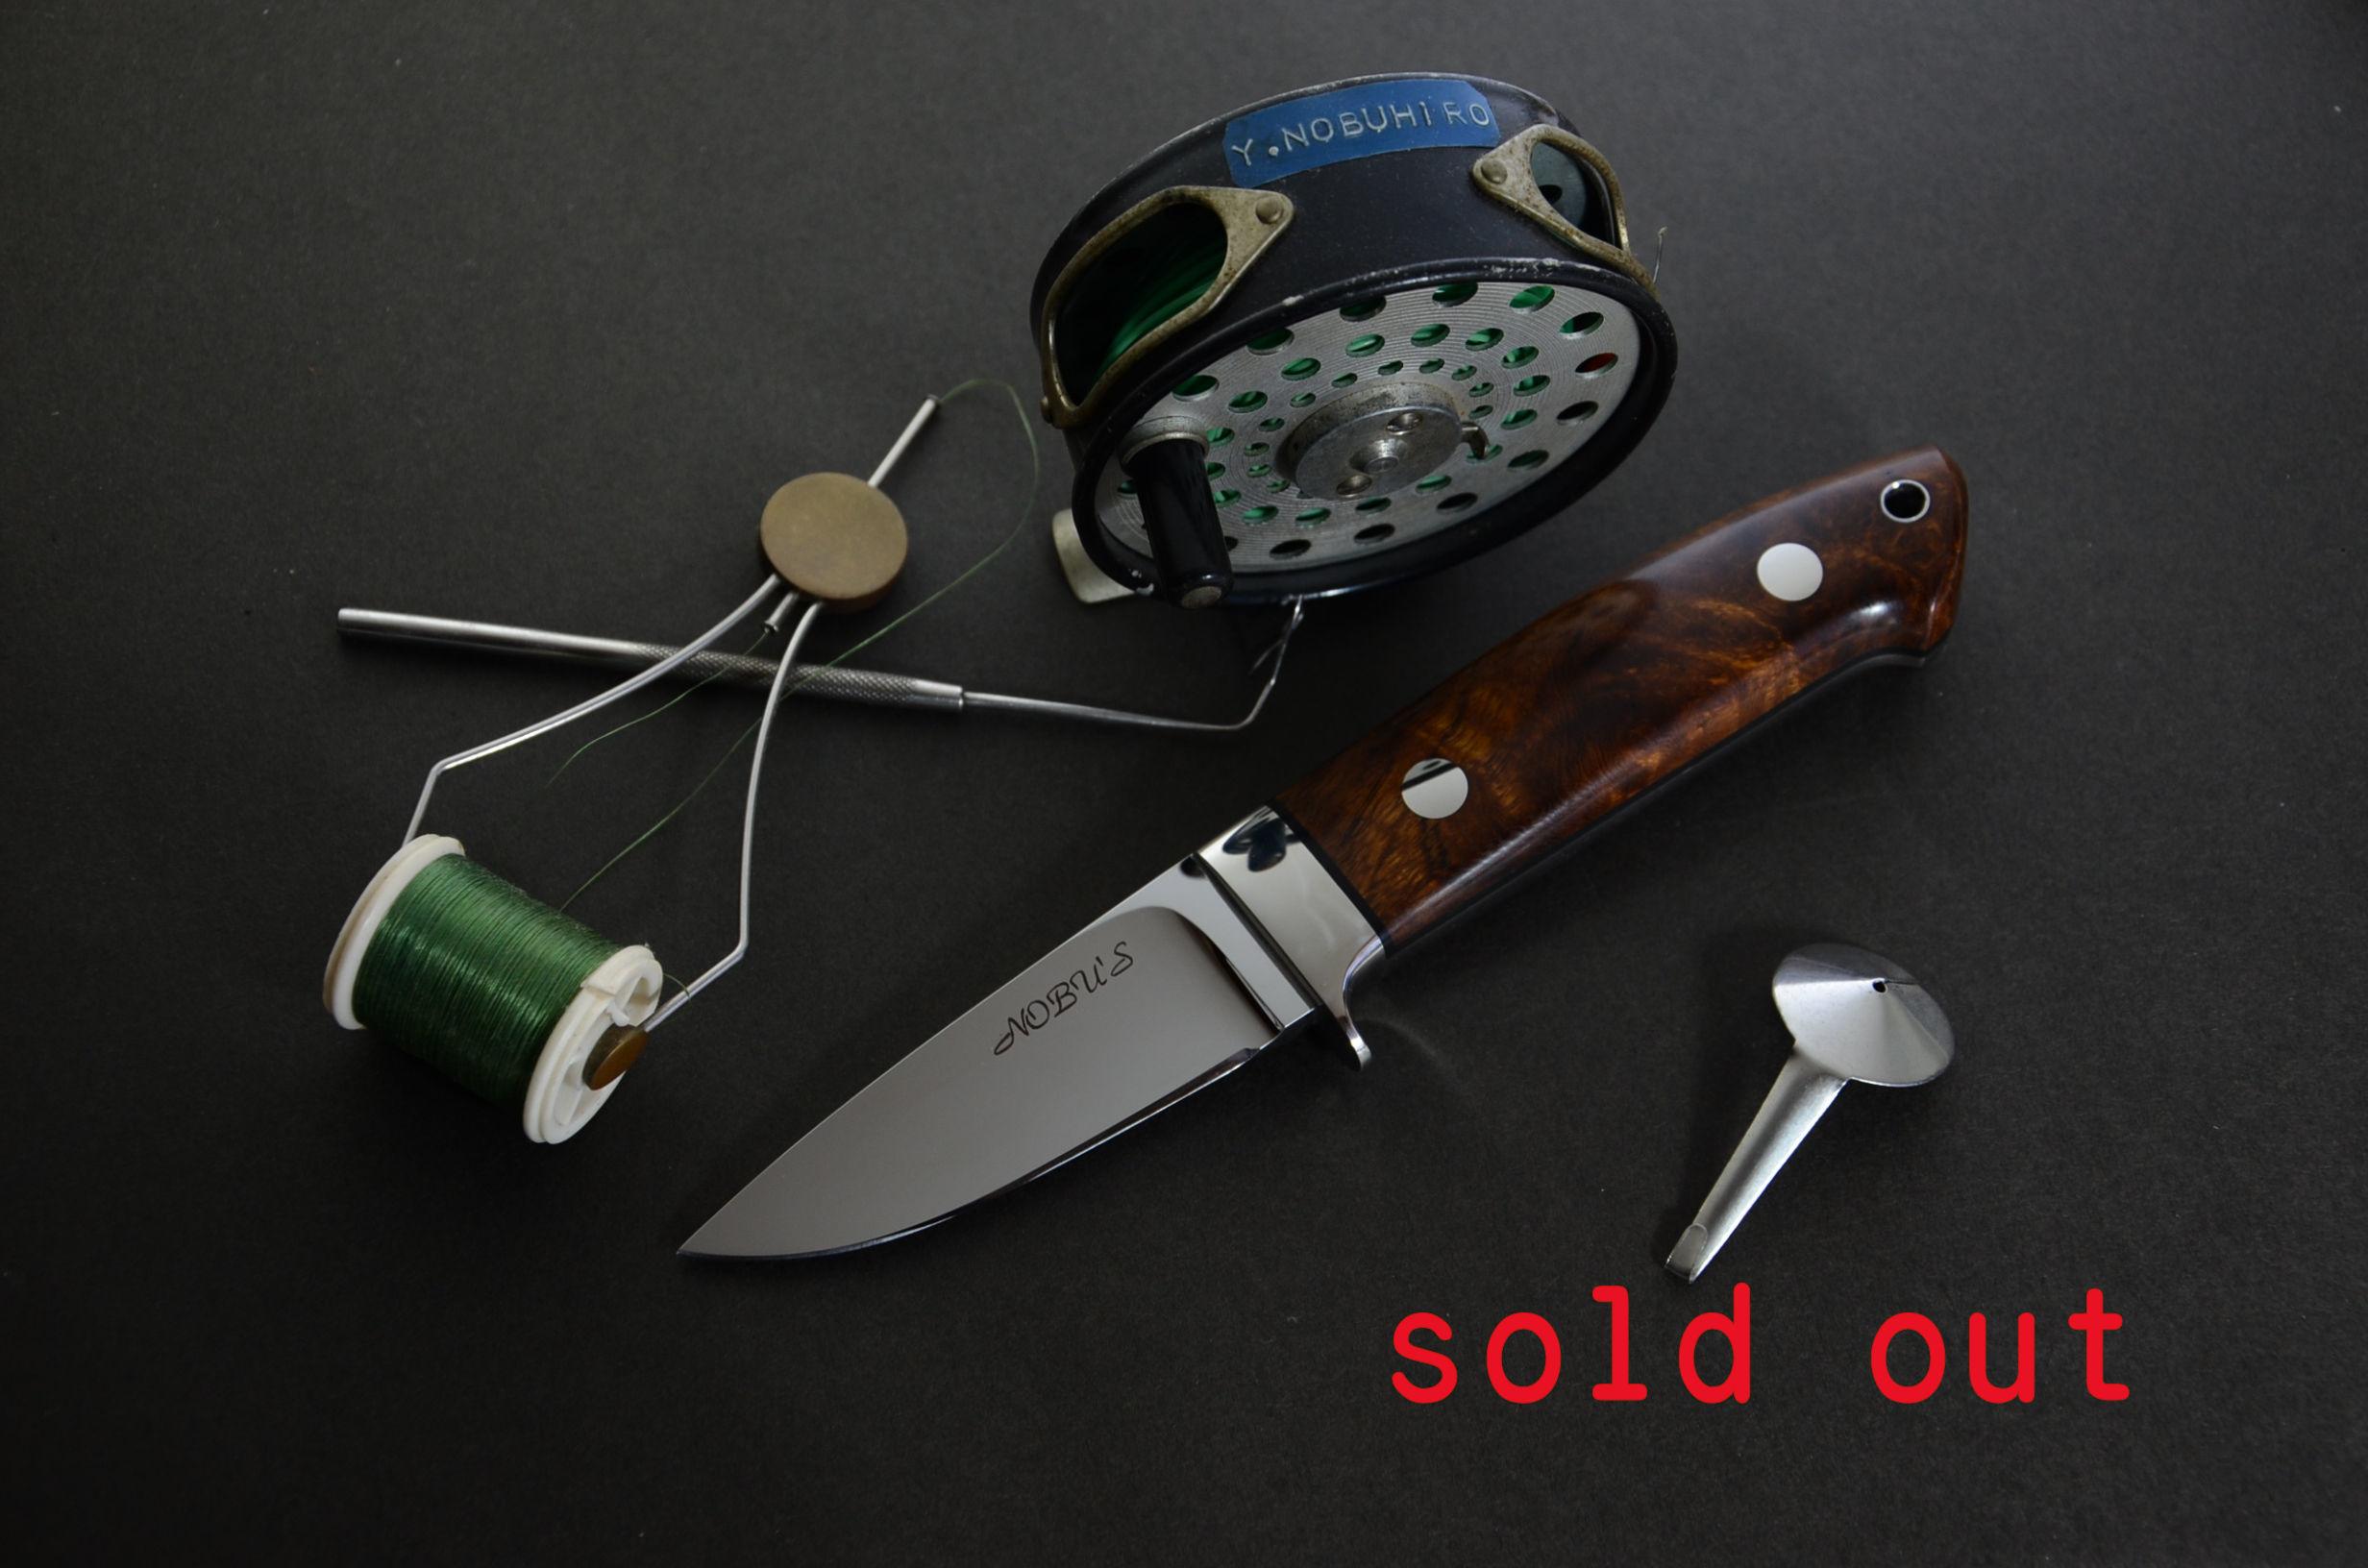 銀座ブレーショーの完売品_e0327983_09355248.jpg